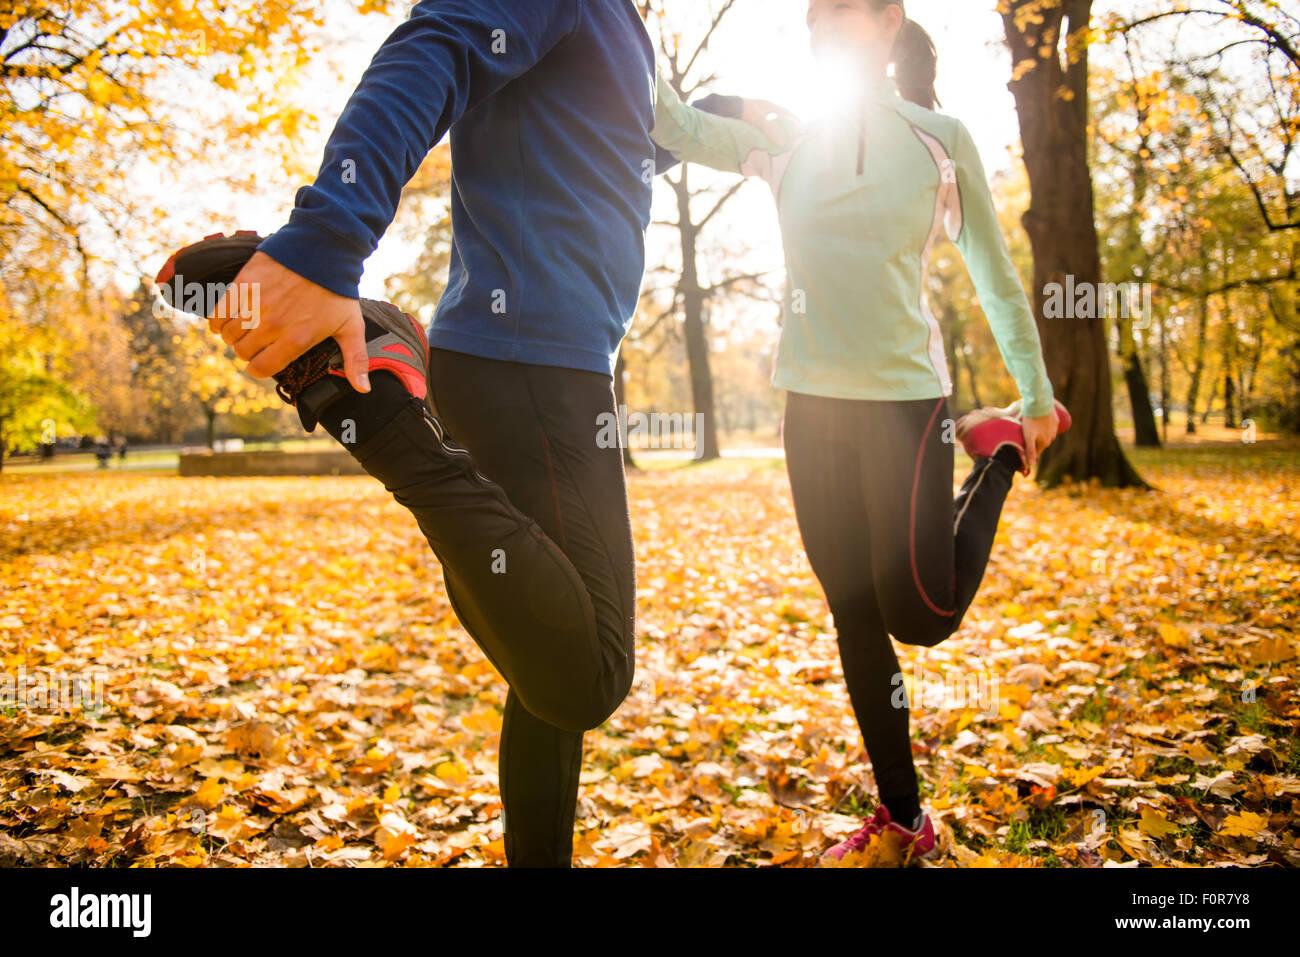 Detalle del hombre y de la mujer, estirar las piernas antes de correr en otoño la naturaleza Imagen De Stock